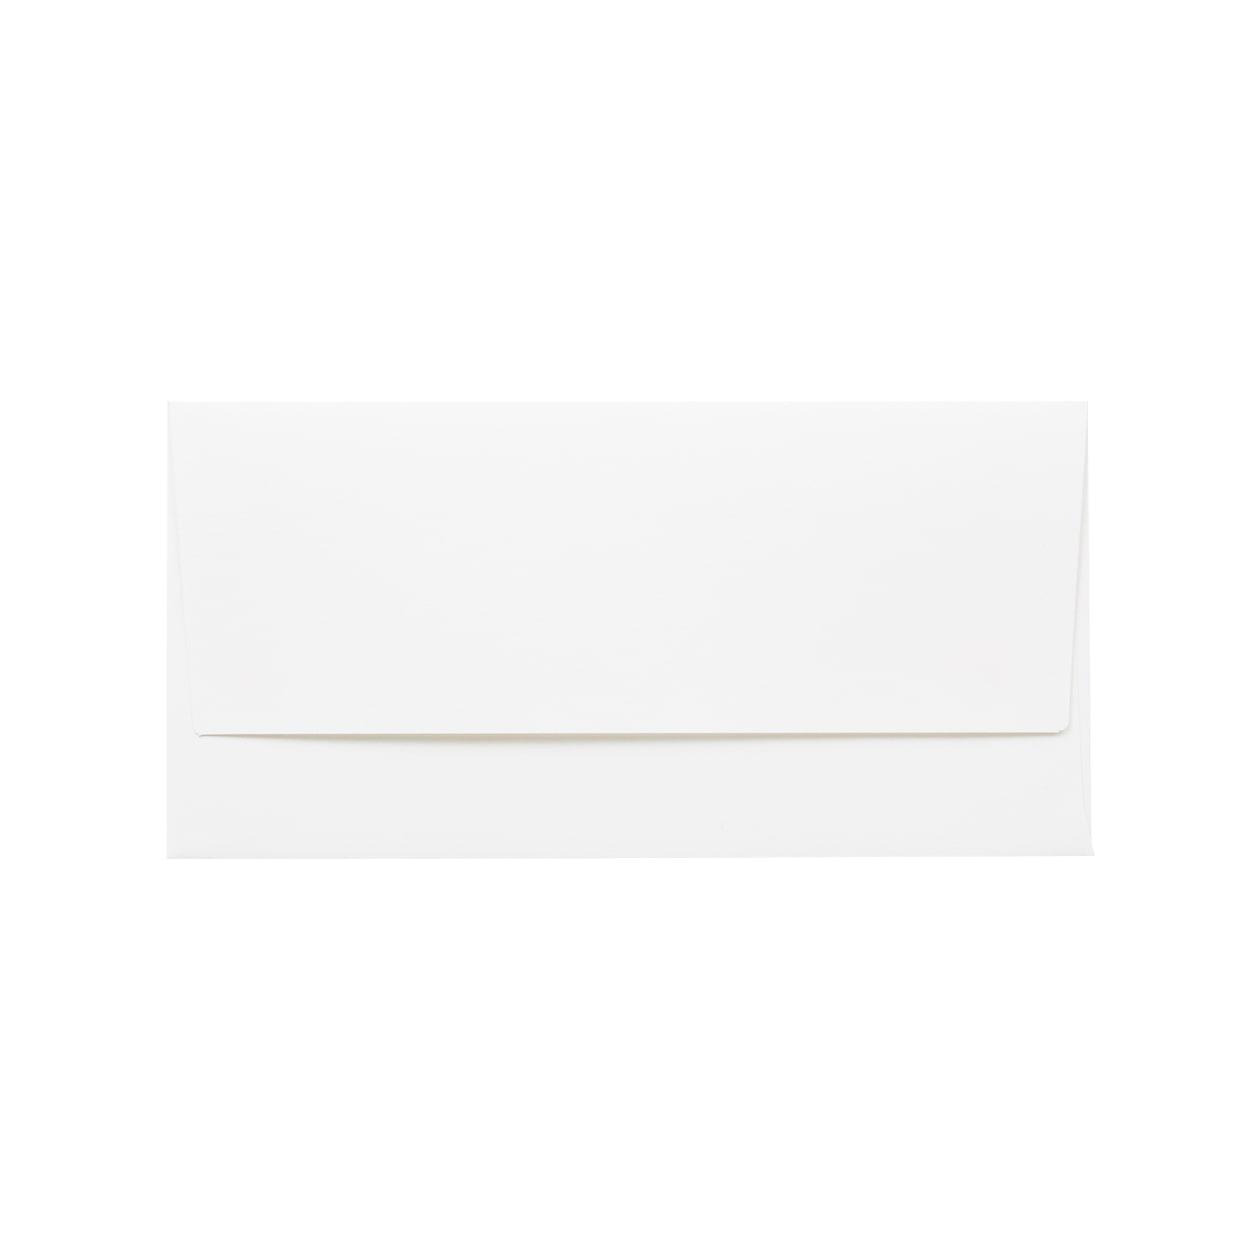 サンプル 封筒・袋 00141